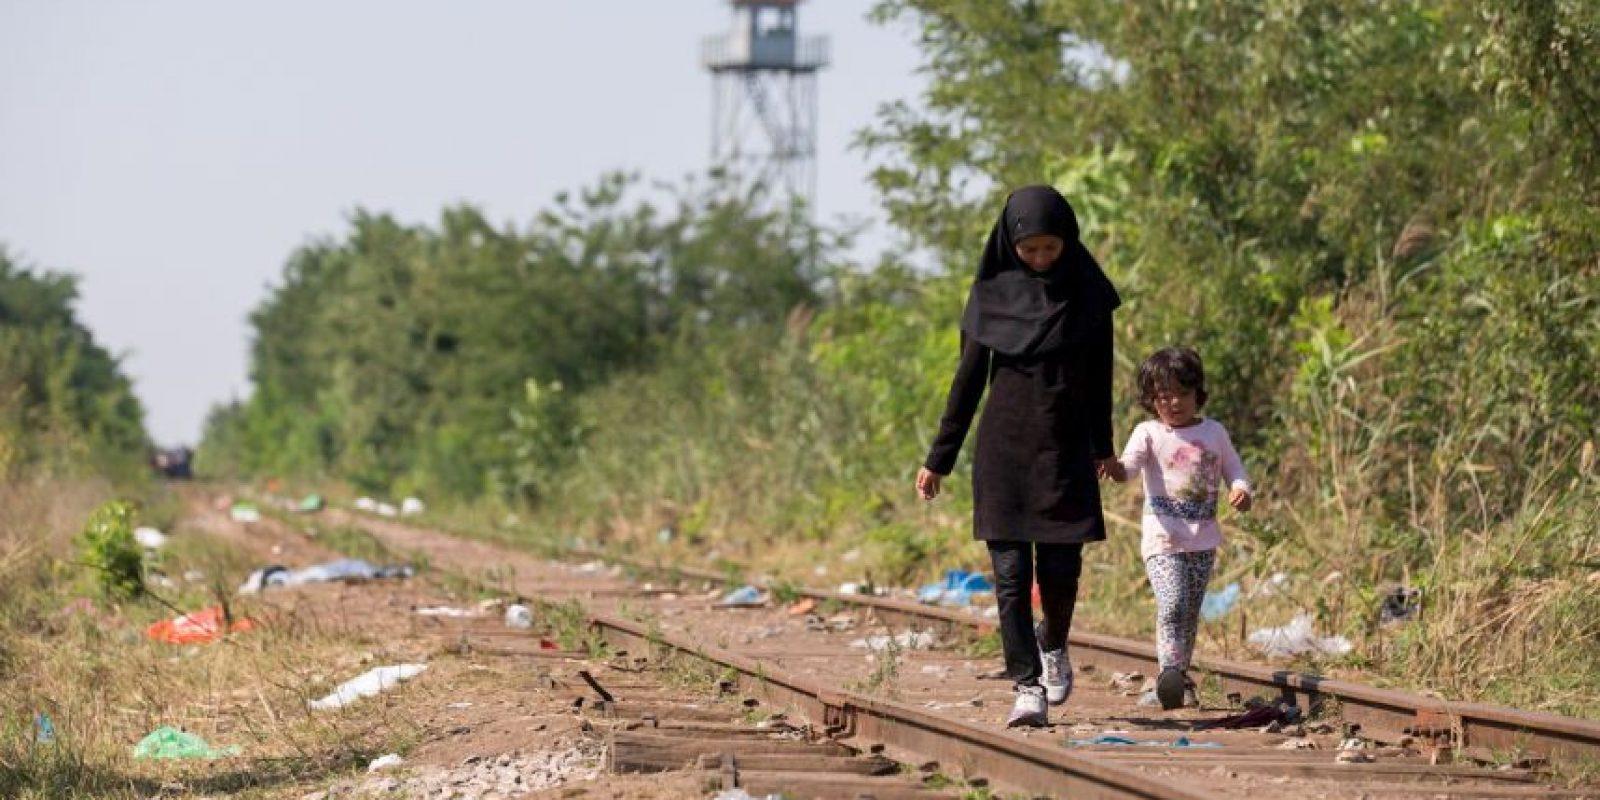 Los menores, se encontraban en situación crítica por deshidratación. Foto:Getty Images